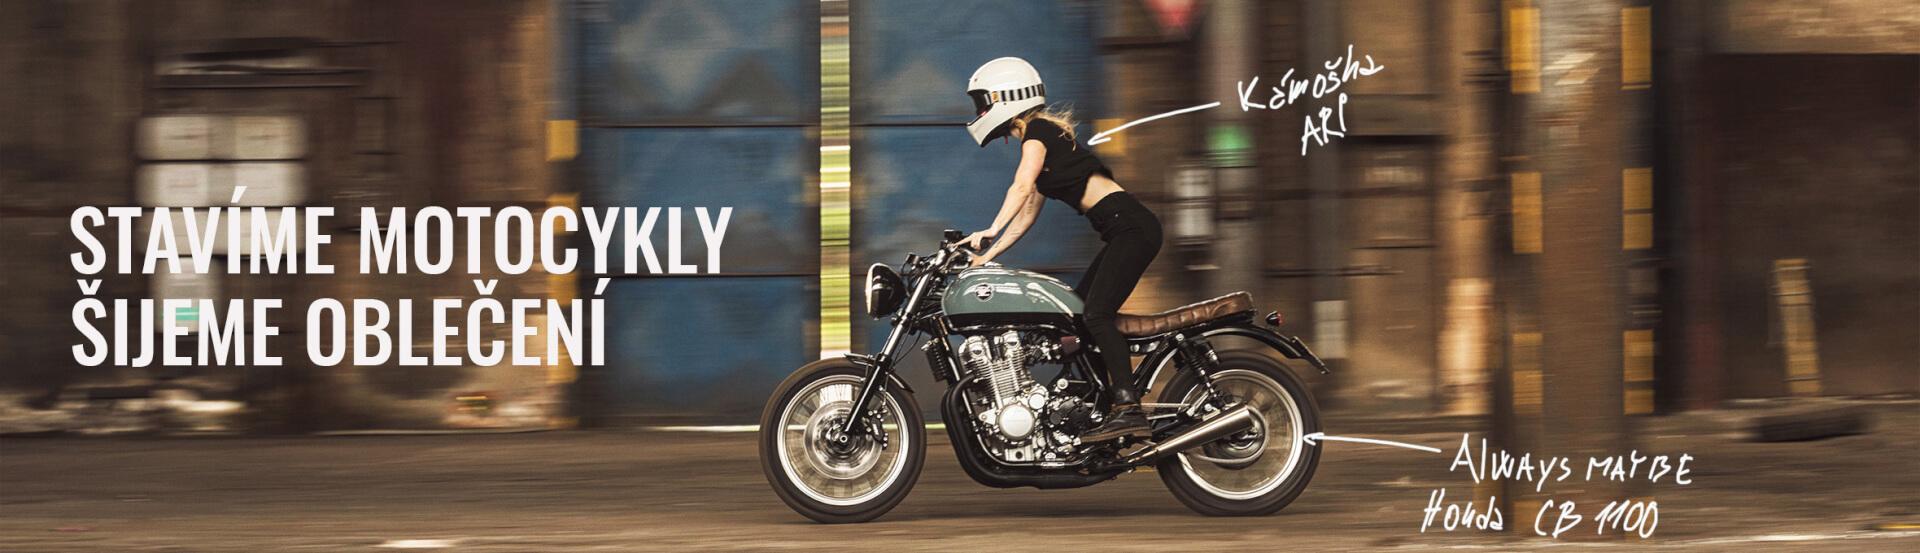 děláme motorky cafe racer tracker scrambler